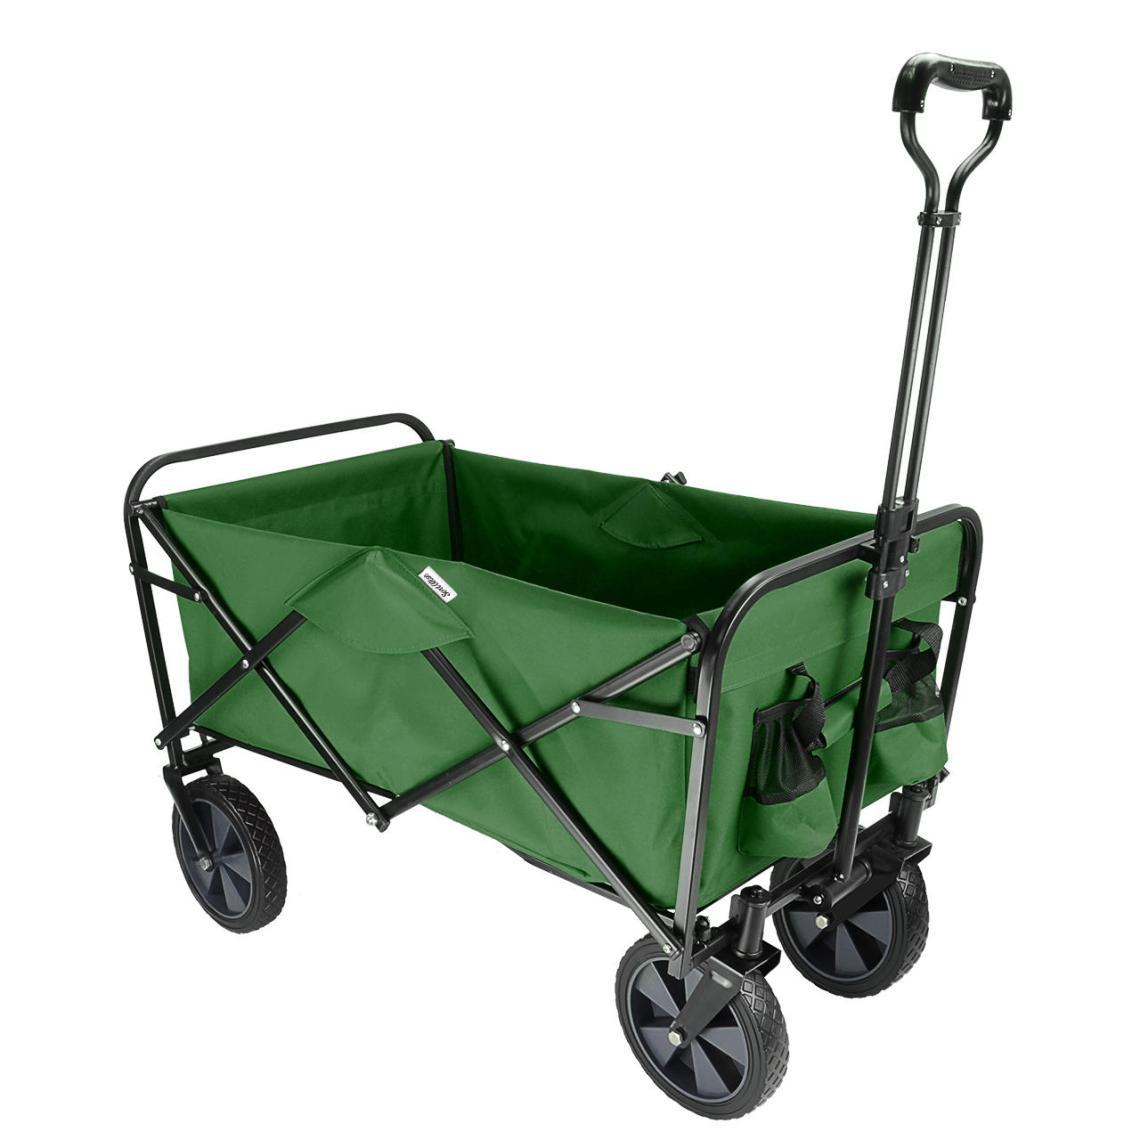 sortwise gardening cart